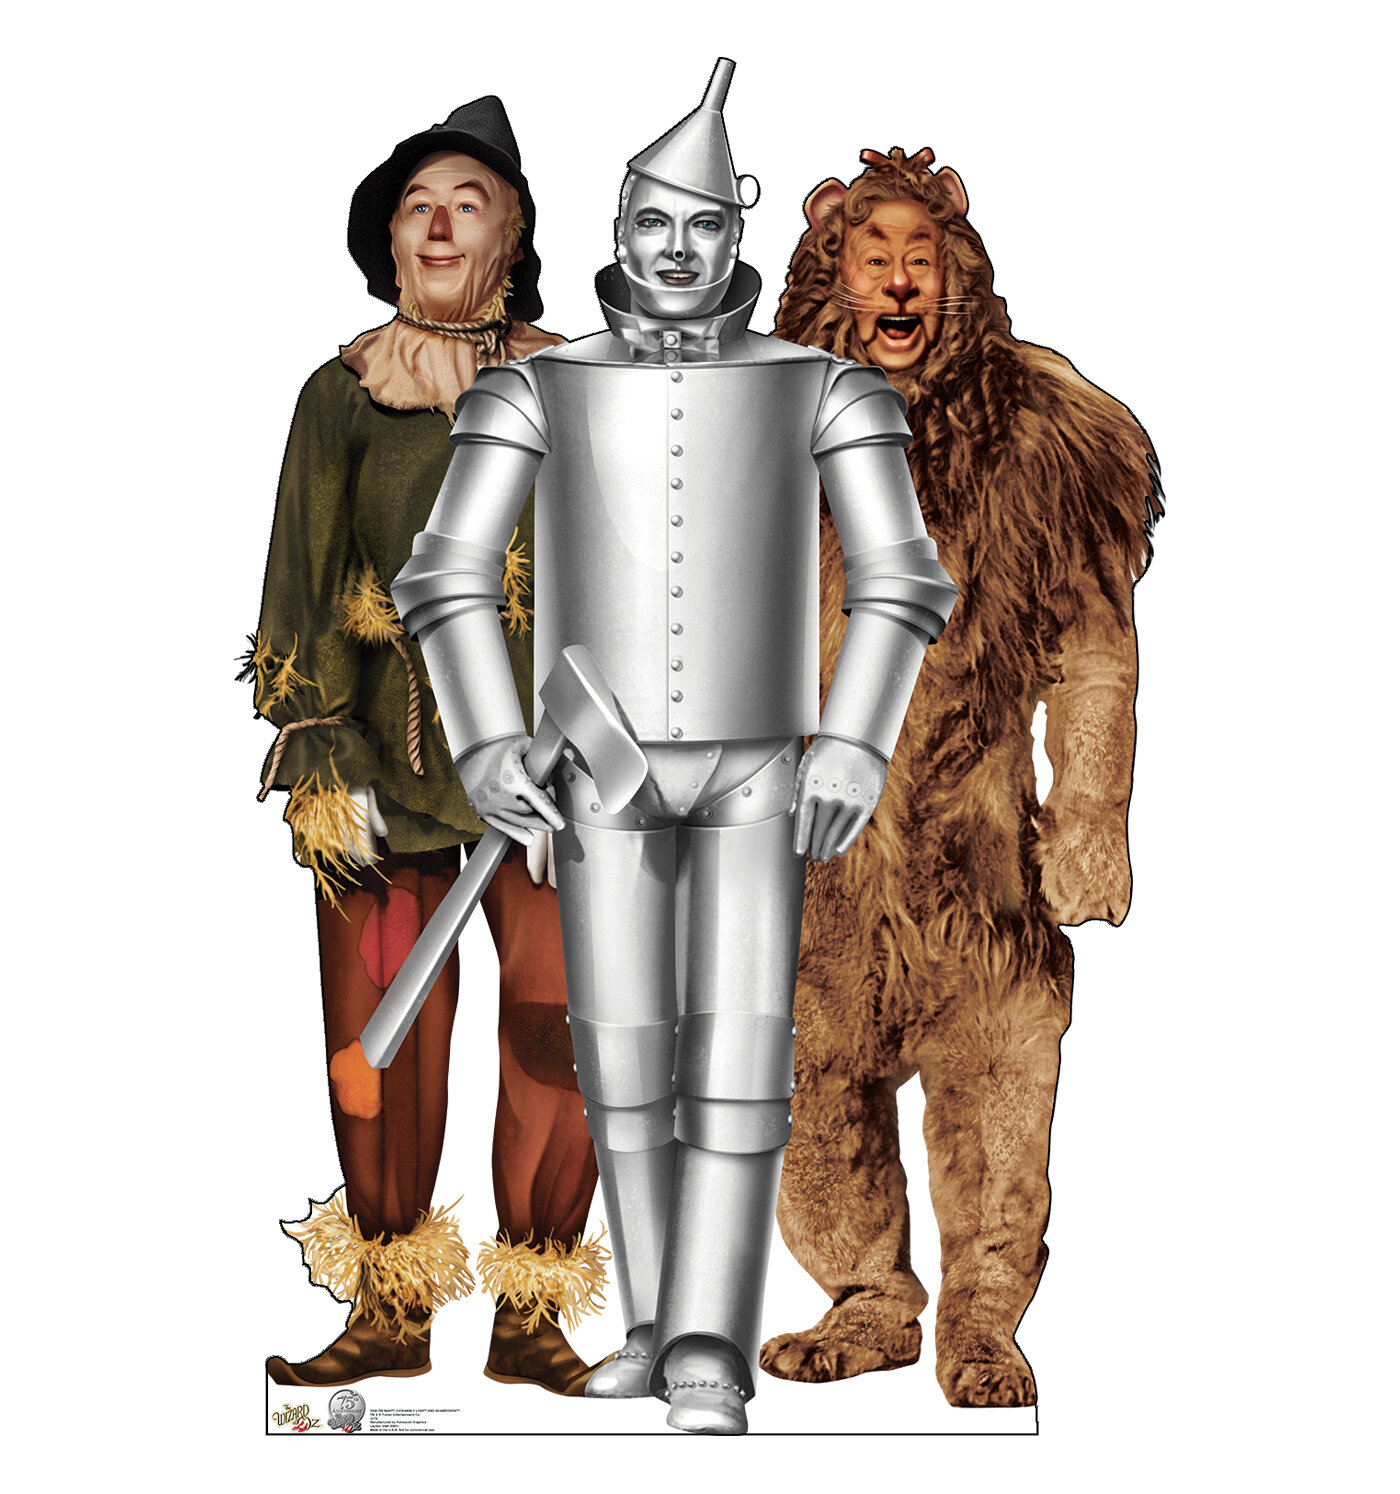 """Photo Print 13 x 19/"""" The Wizard of Oz Tin Man"""